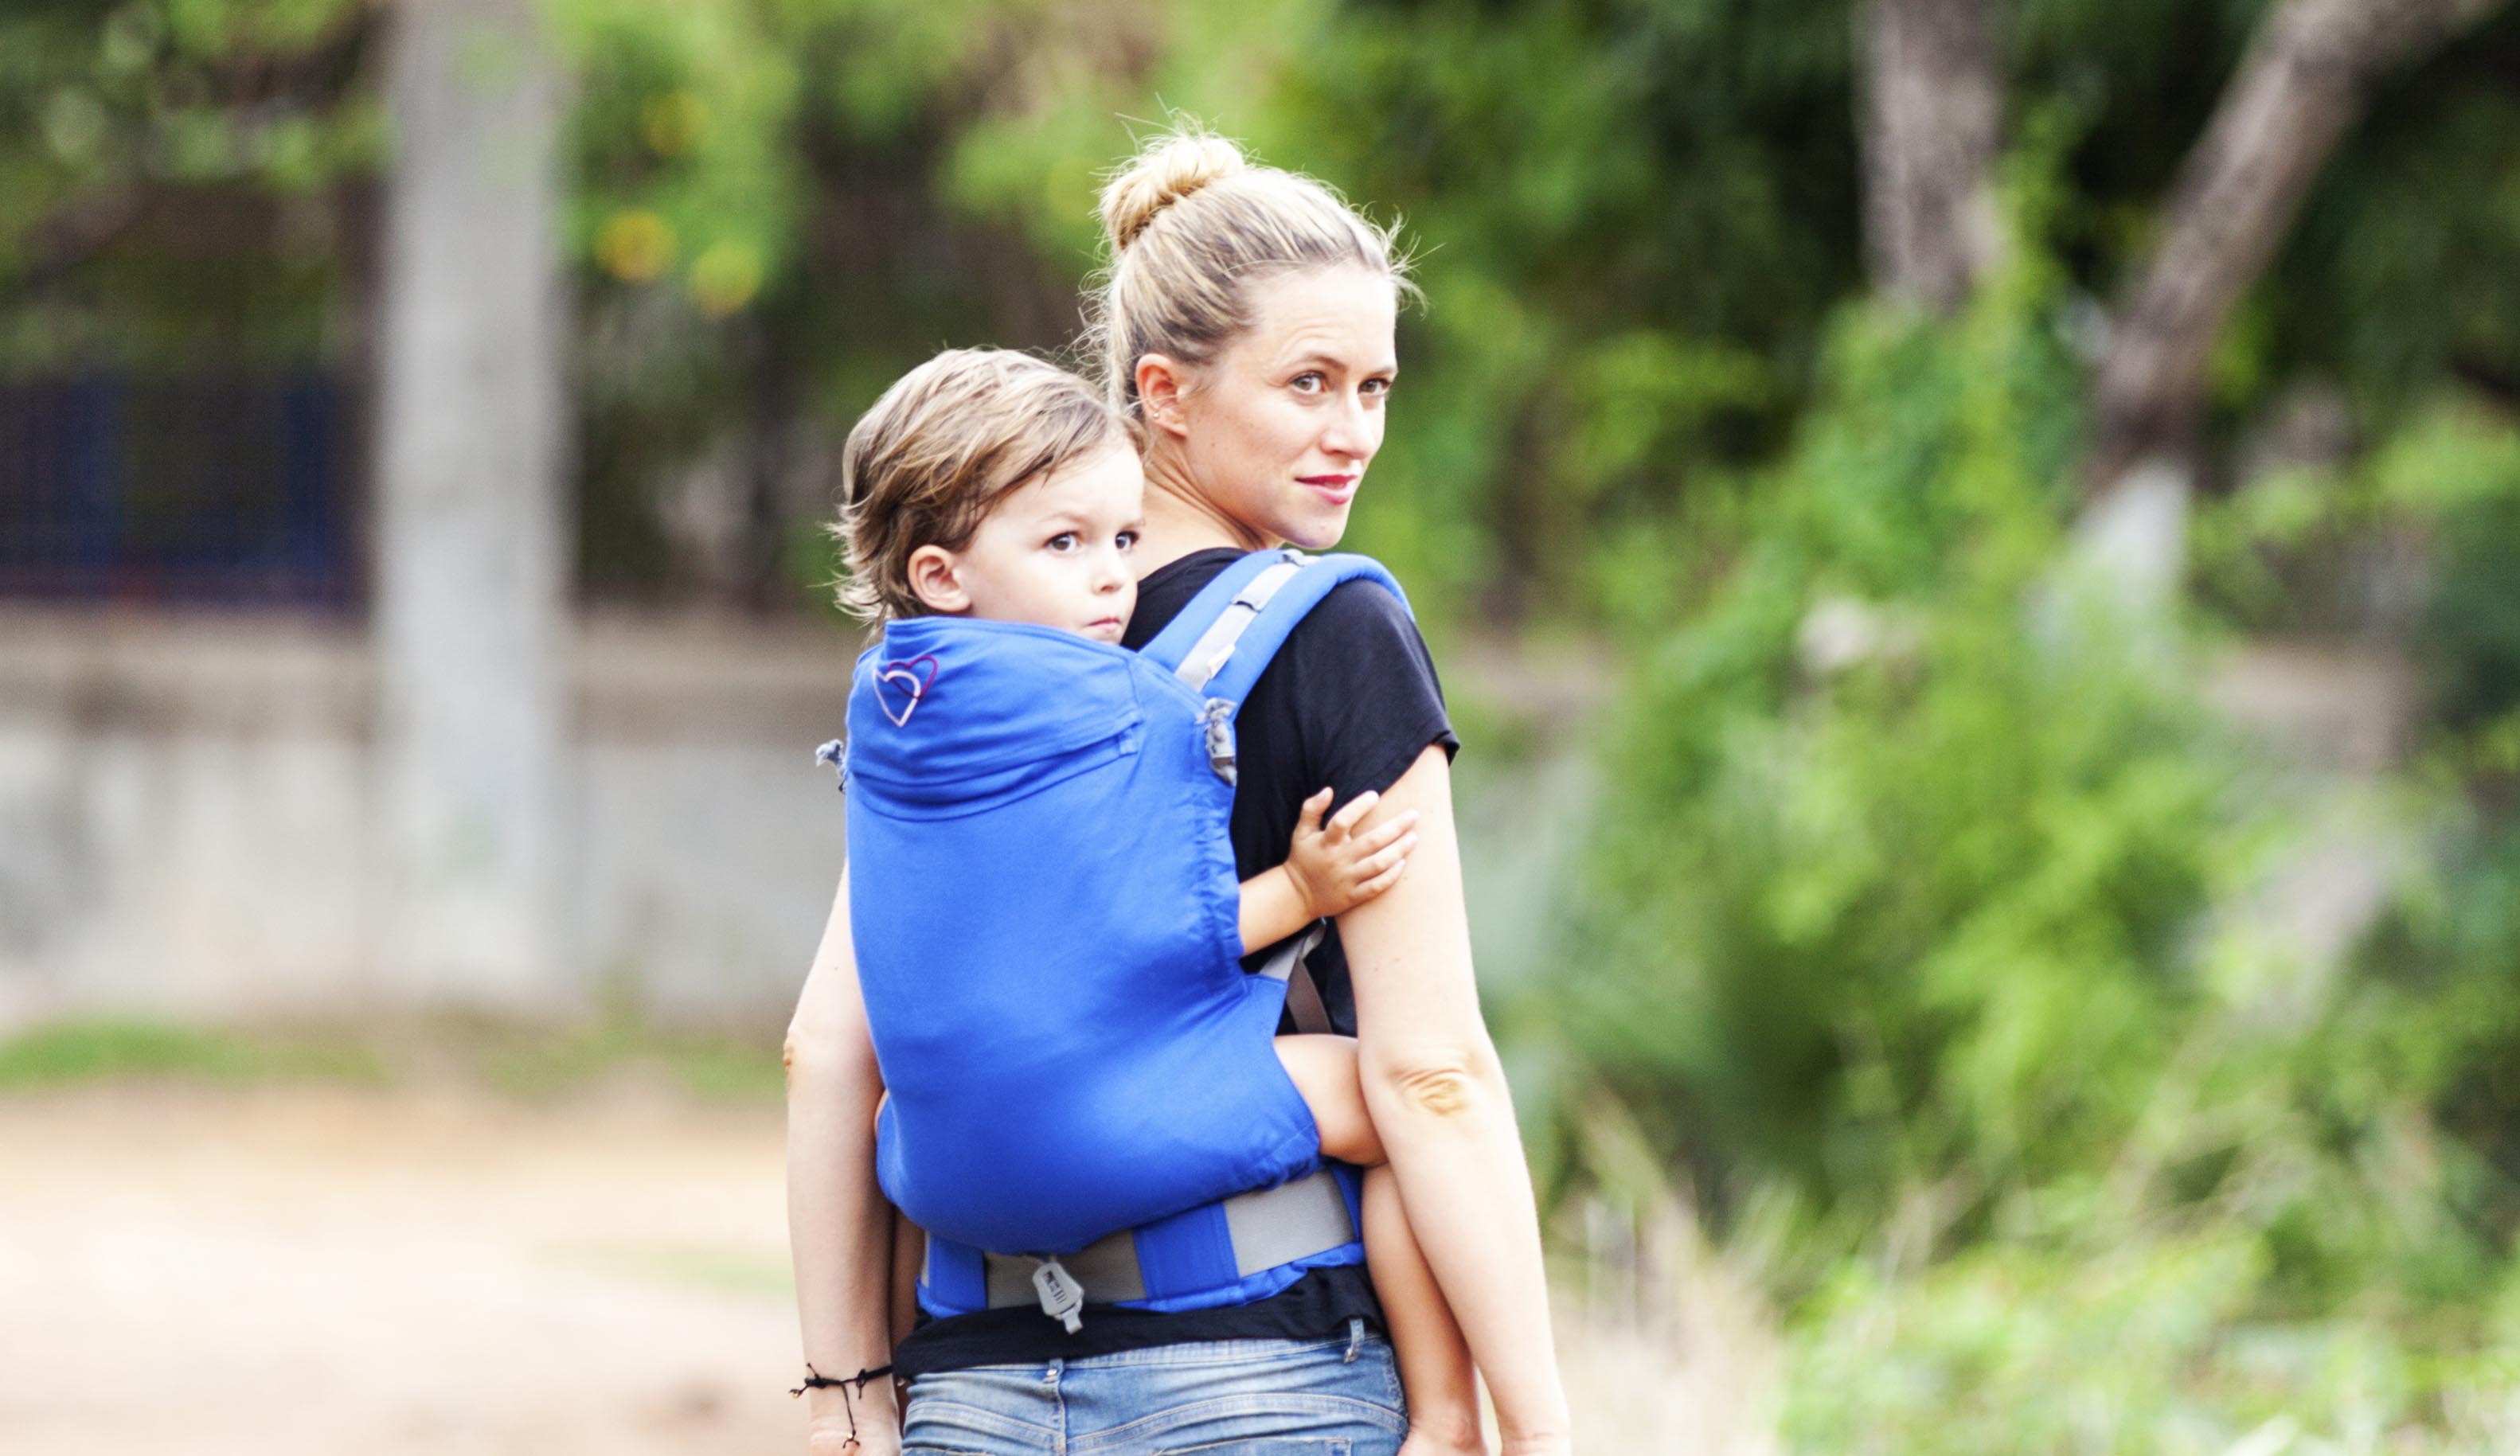 Un porte-bébé adapté aux enfants jusqu'à + de 3 ans